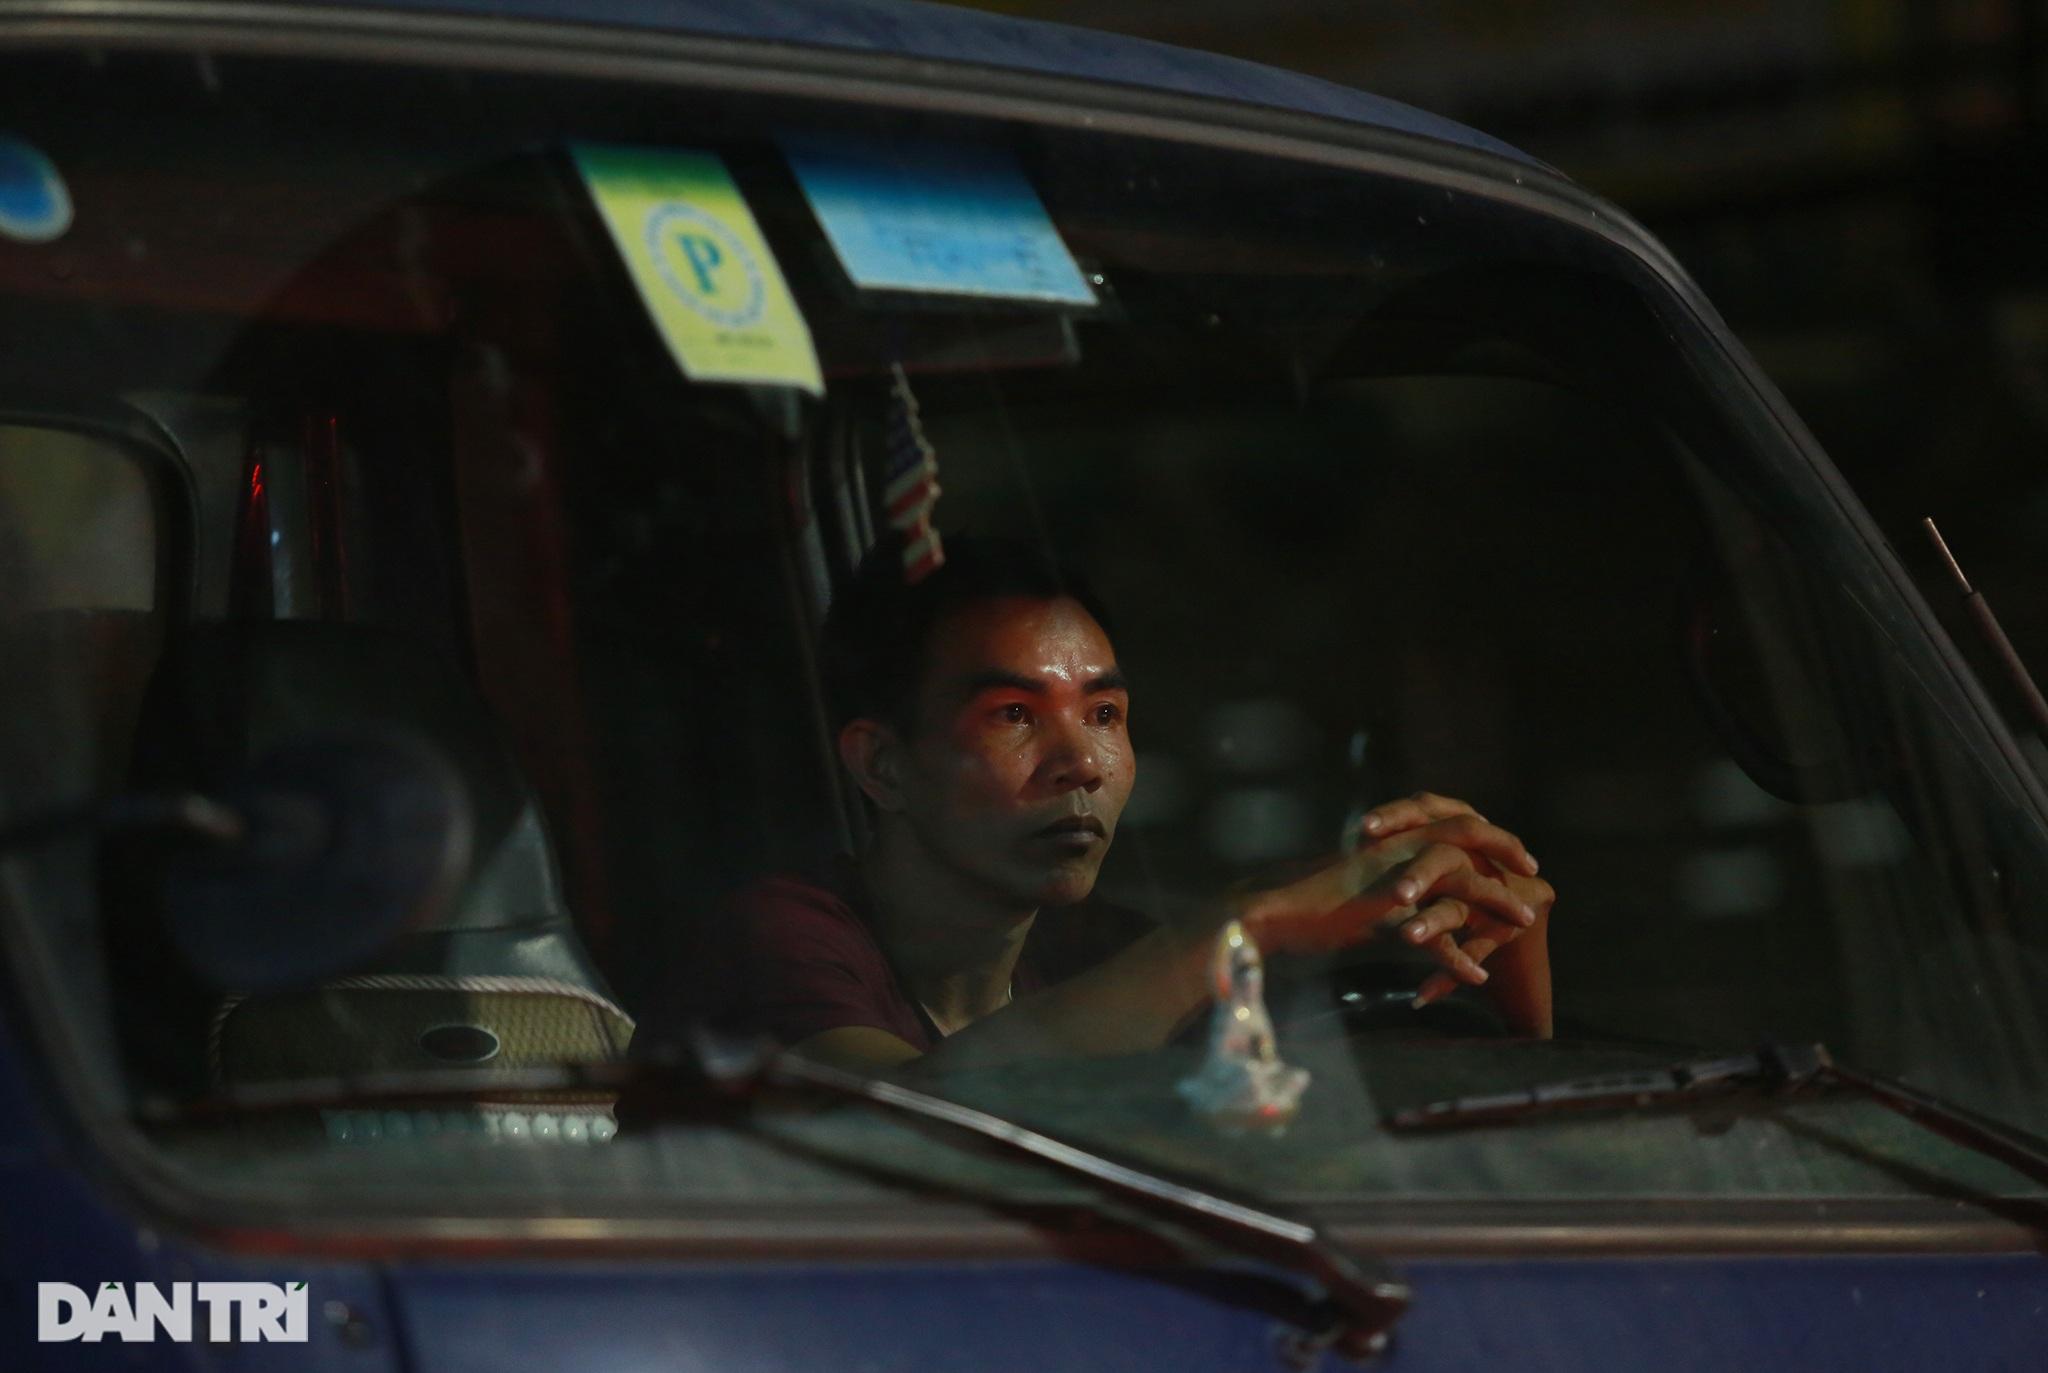 Người dân trở lại Sài Gòn sớm, giao thông cửa ngõ ùn tắc, hỗn loạn - 6